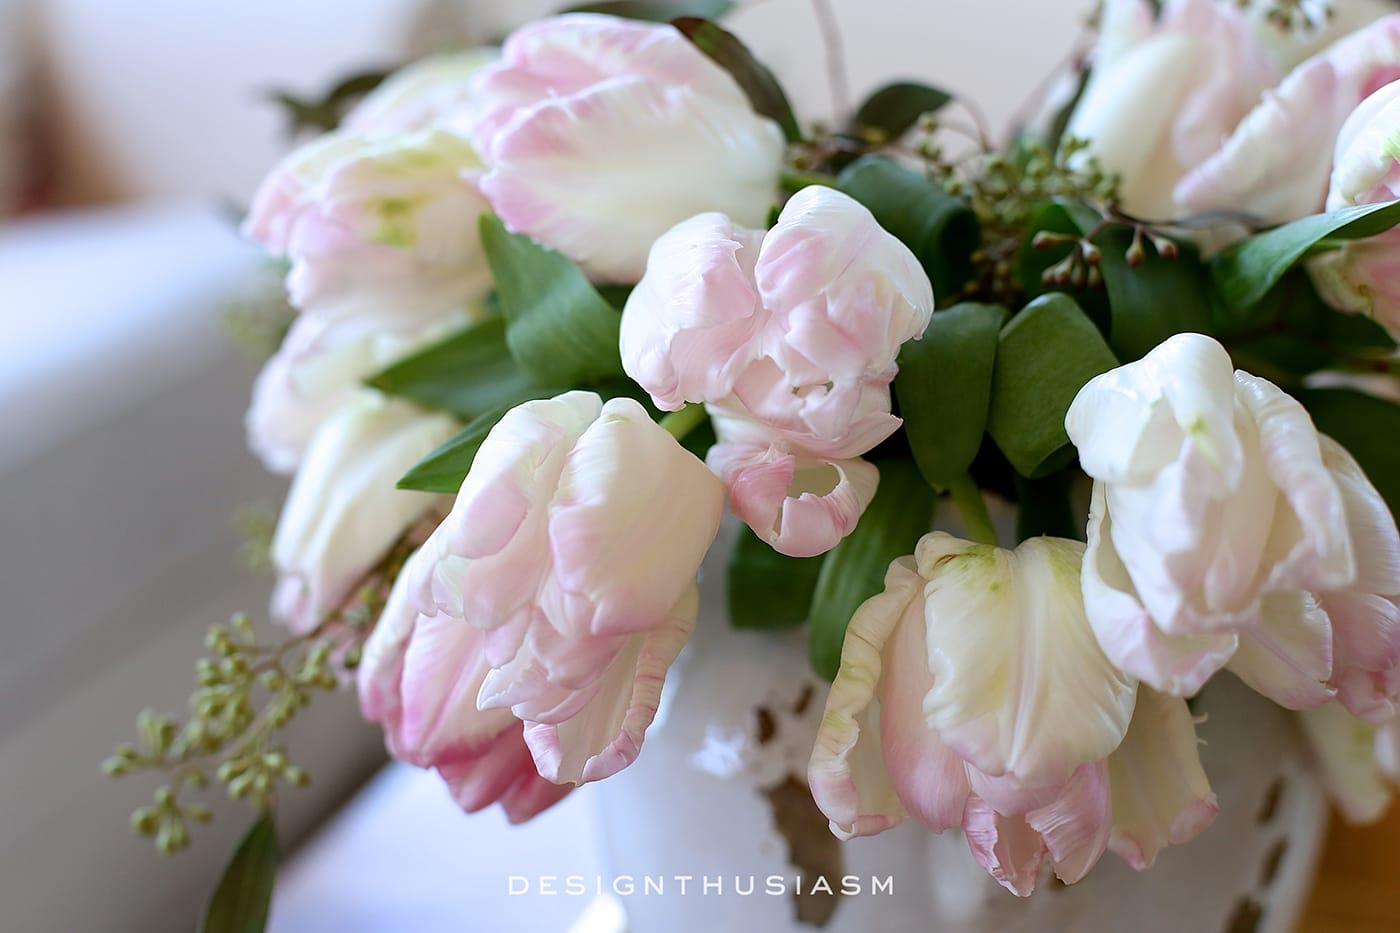 Spring Flowers | Designthusiasm.com